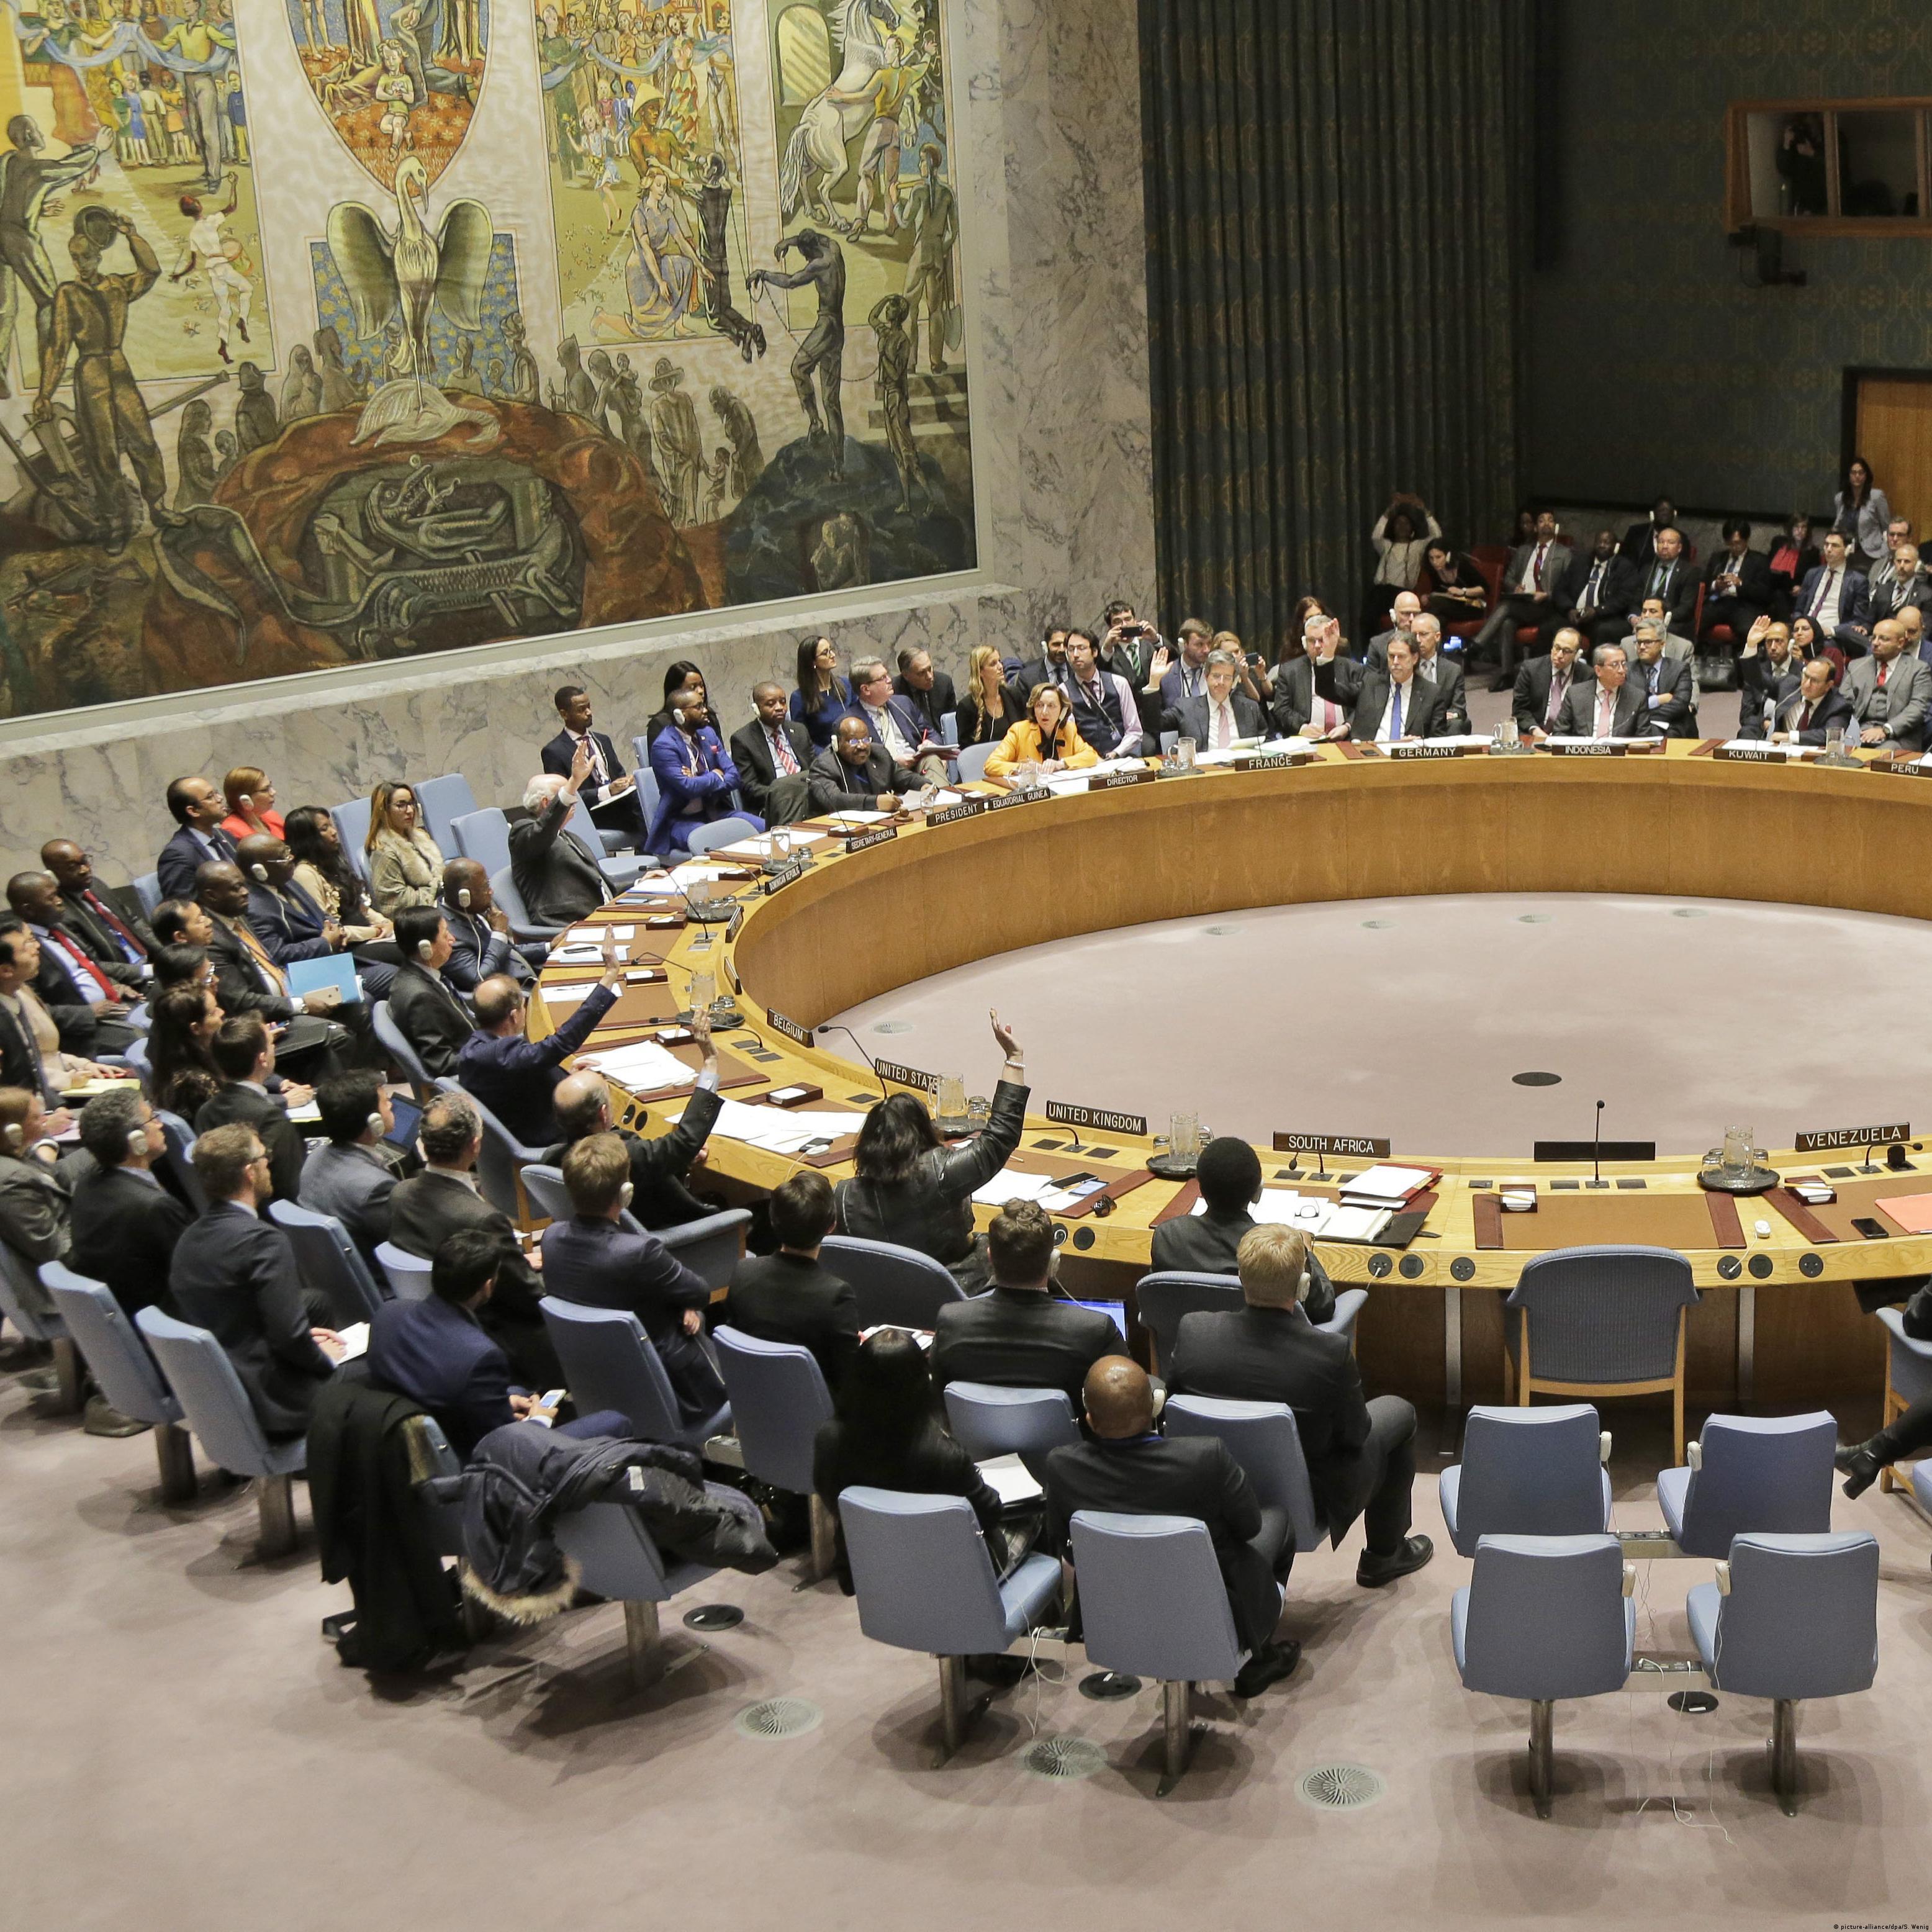 Politische Krise in Venezuela - UN-Sicherheitsrat (picture-alliance/dpa/S. Wenig)